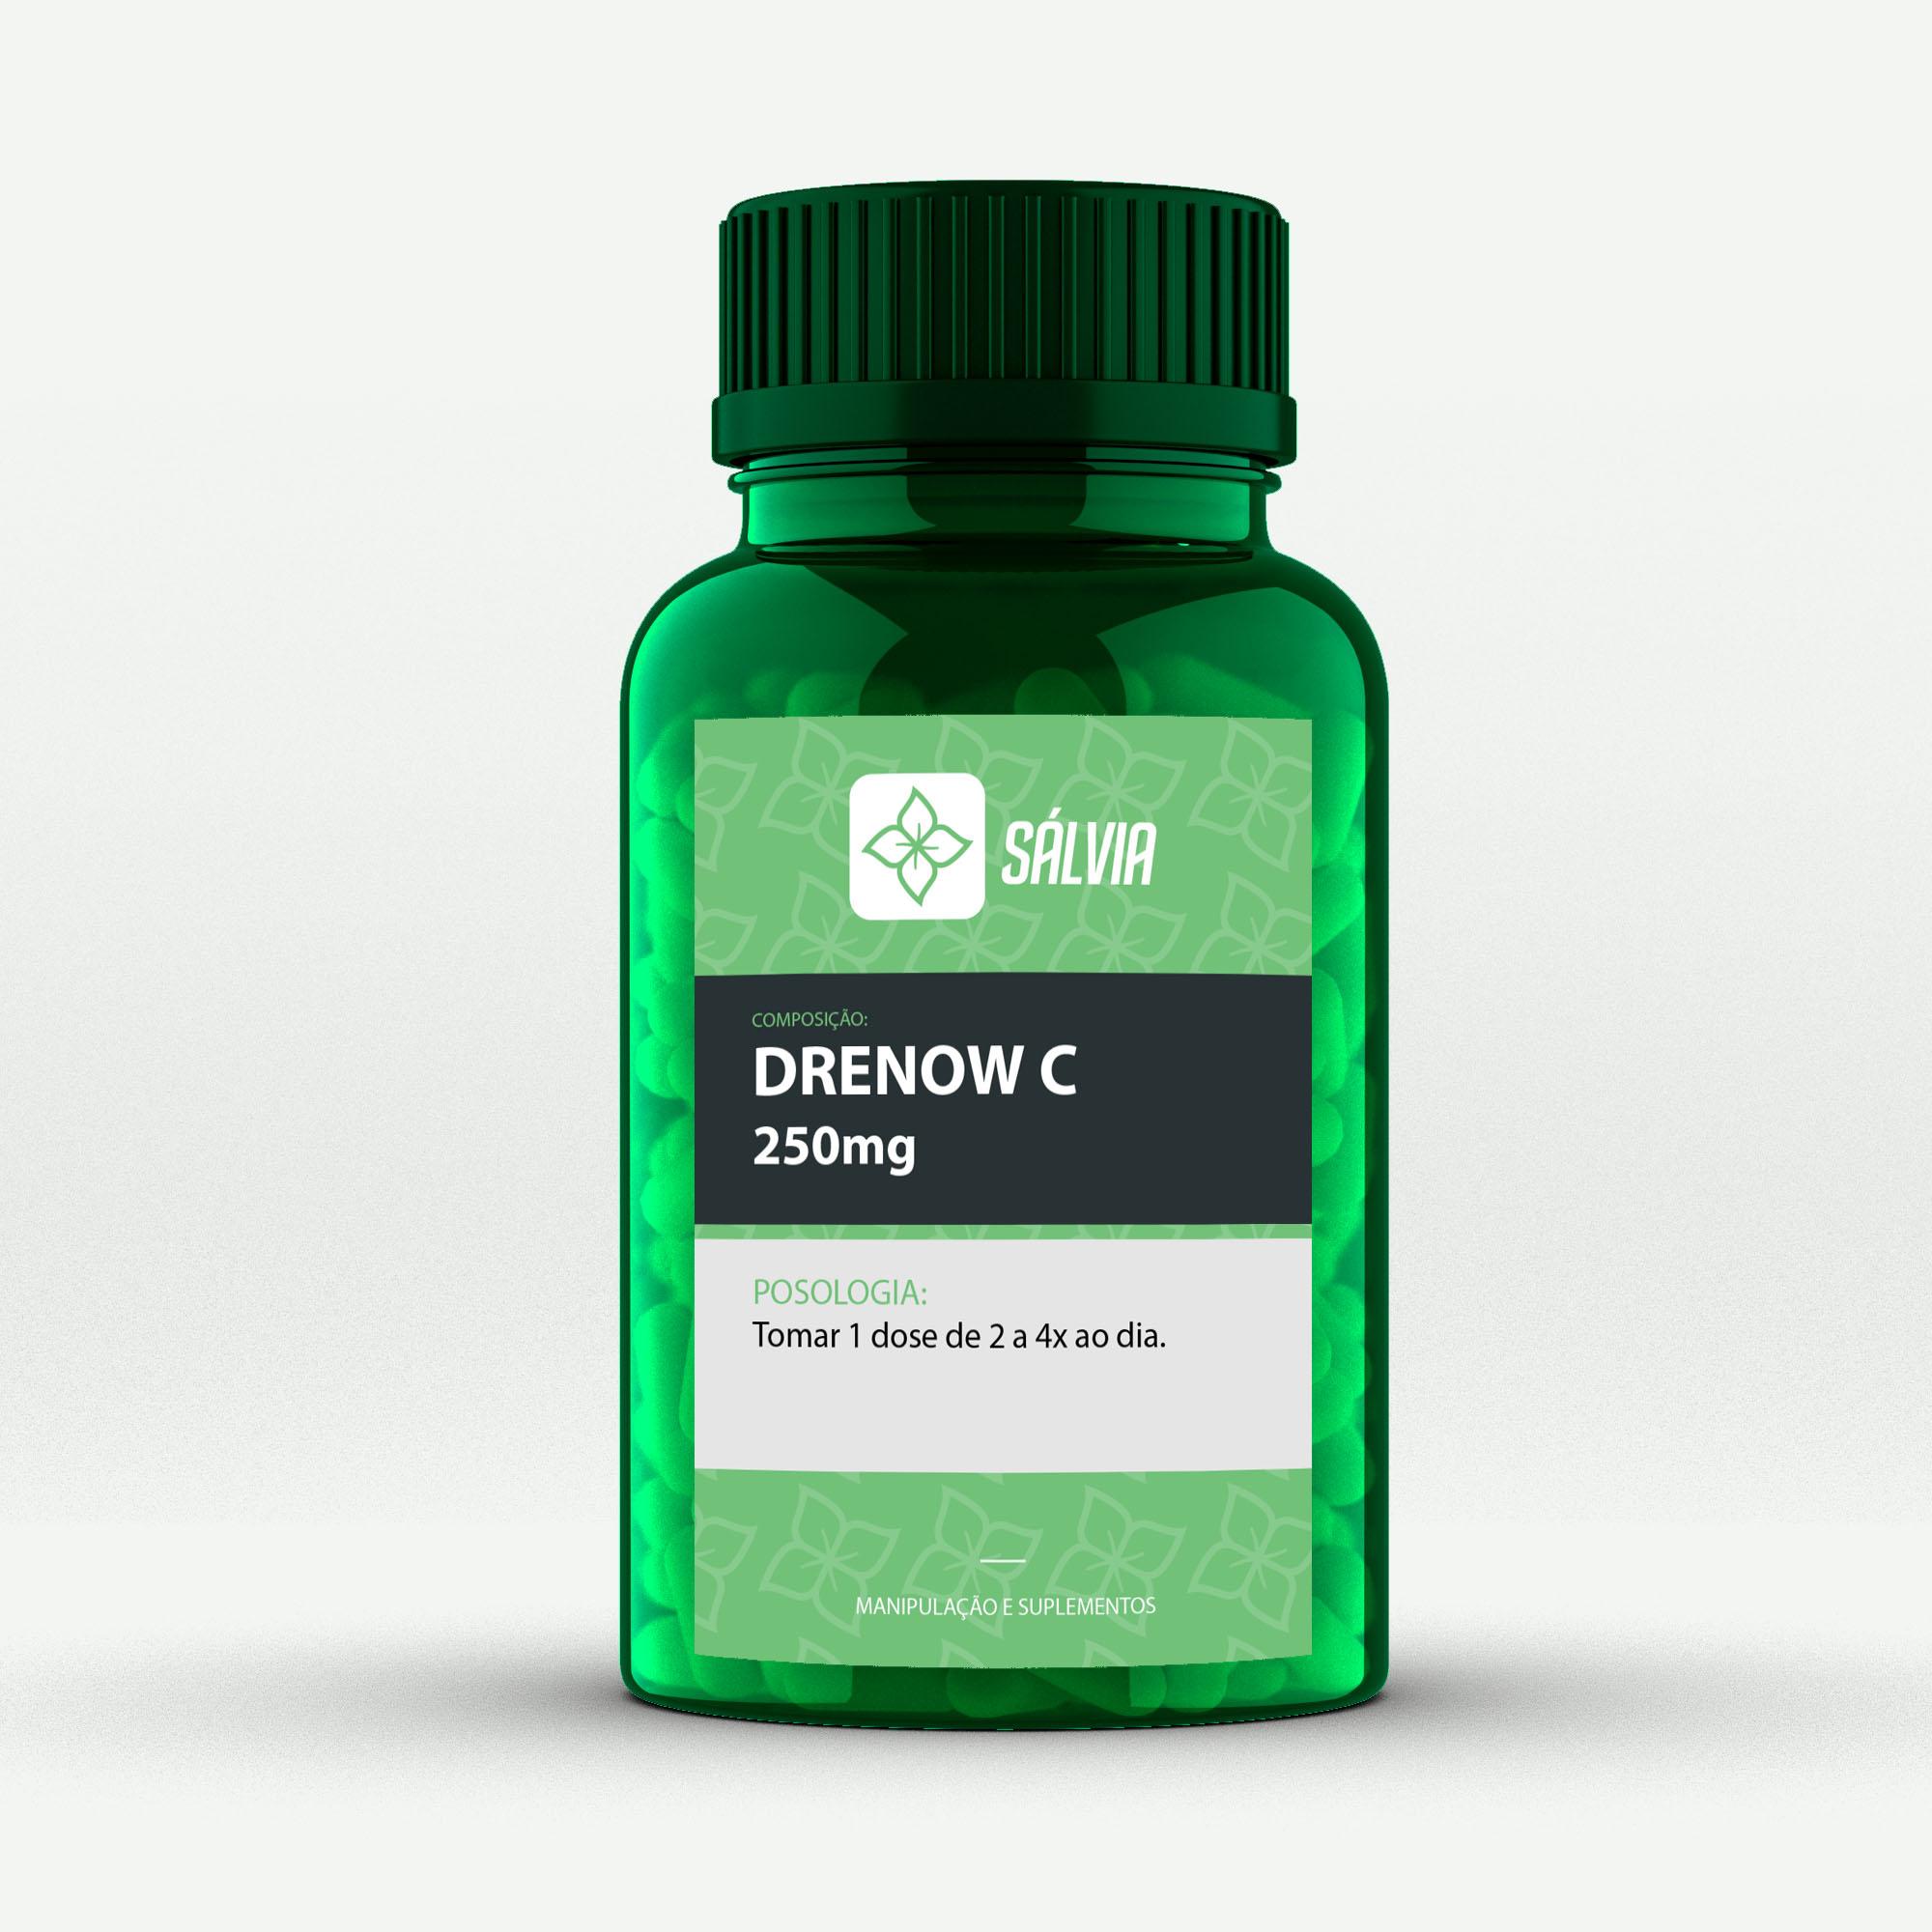 DRENOW C 250mg - Cápsulas